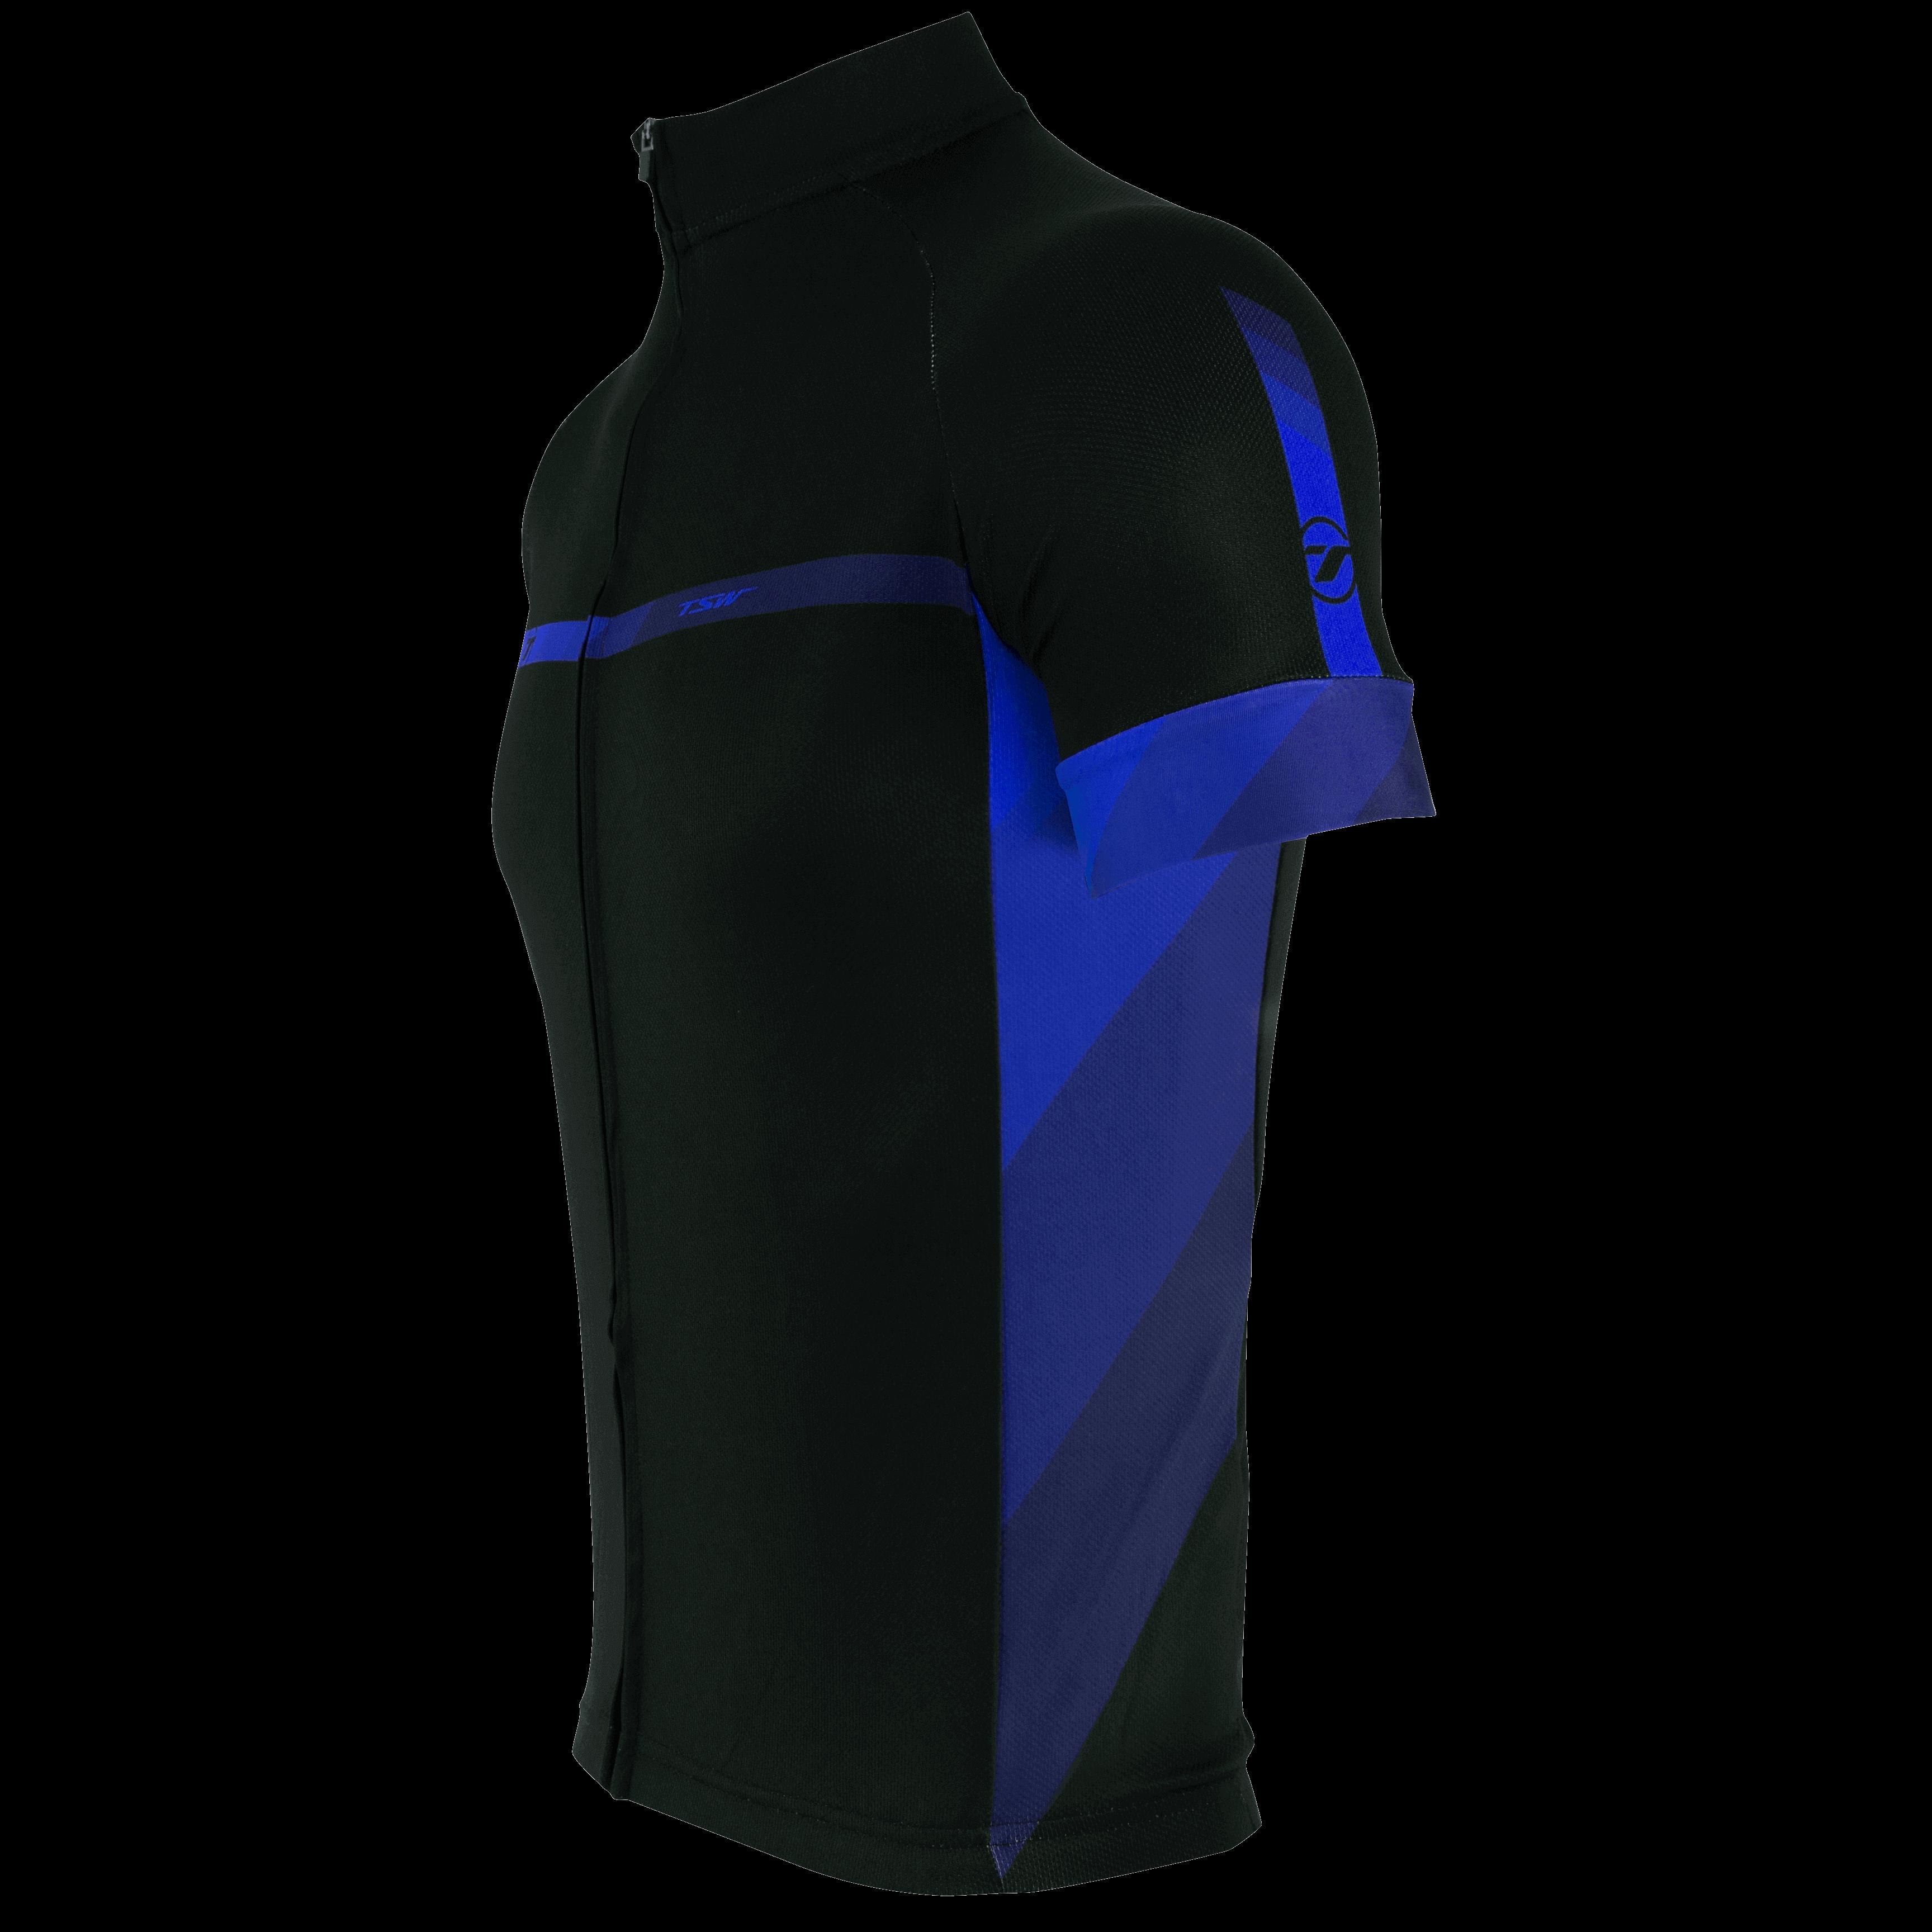 10524-10525-10526-10527-camisa-preta-e-violeta-site